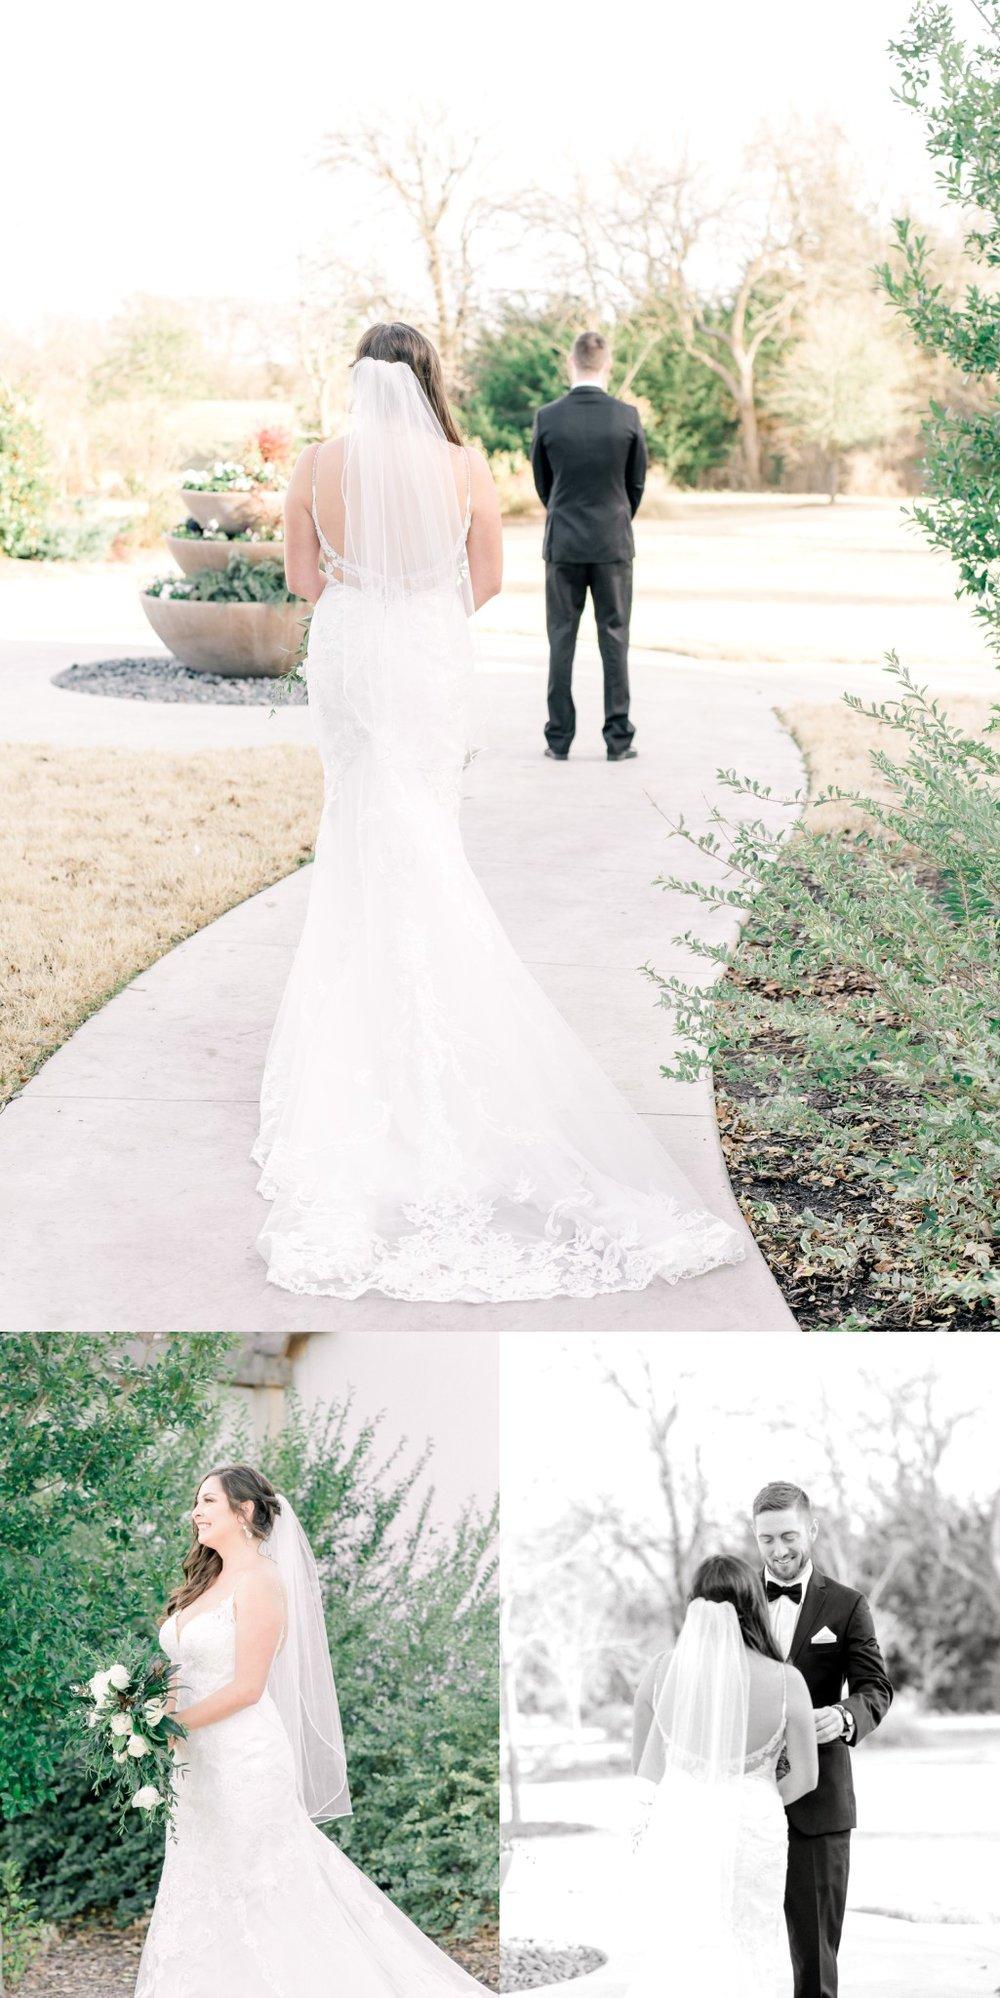 DallasWeddingPhotographer_ChandlersGardens_ChuaLeePhotography_0394.jpg